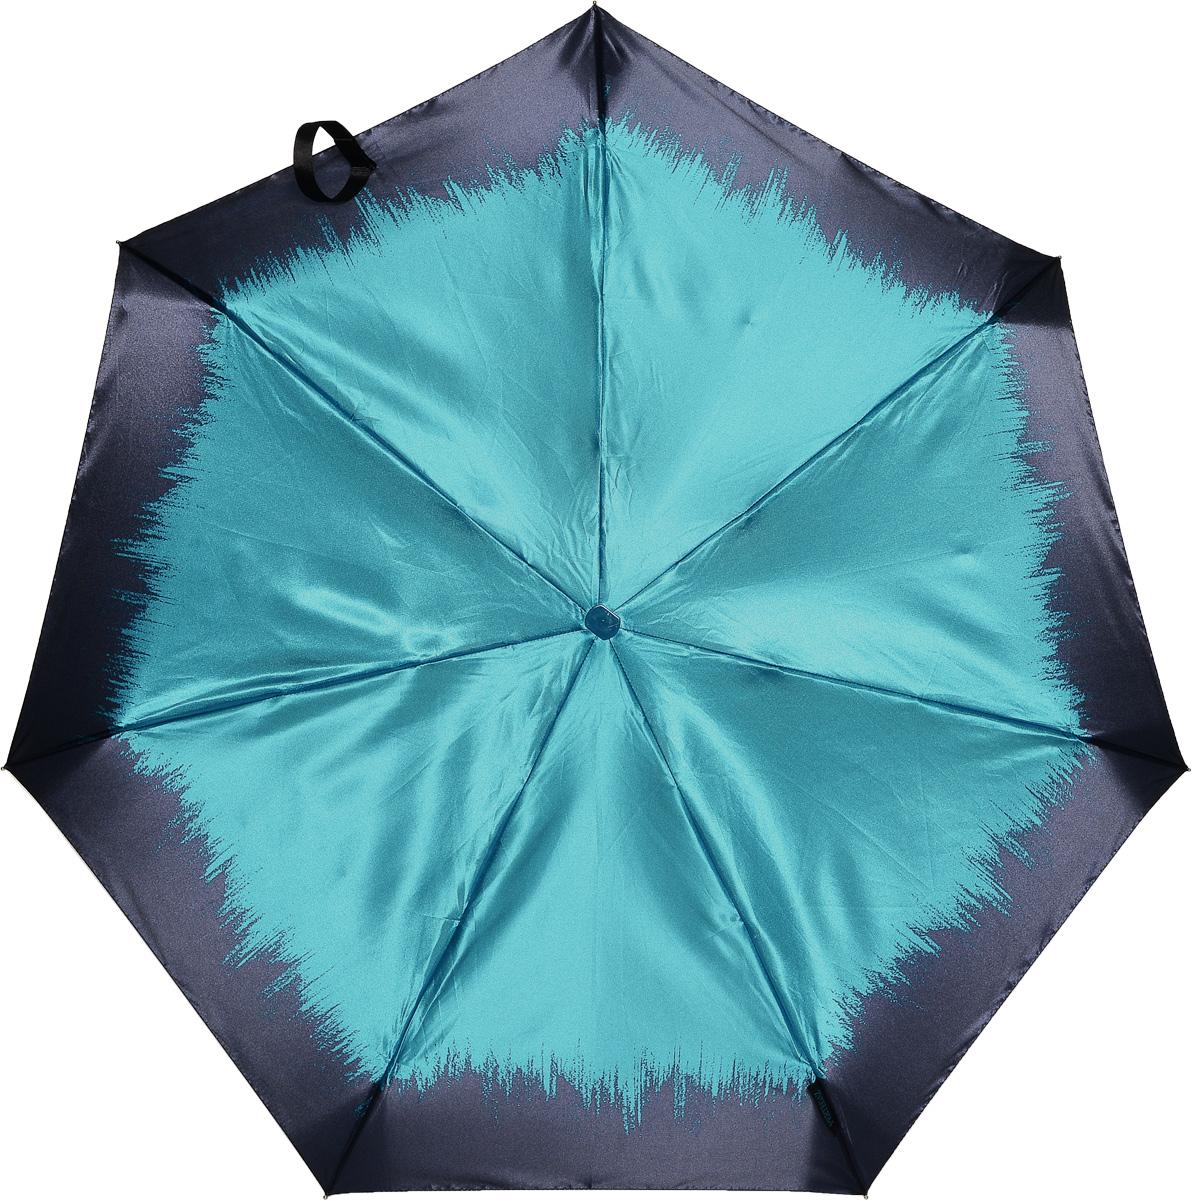 PERTEGAZ 85141-3 Зонт полный автом. 4 сл. жен.85141-3Зонт испанского производителя Clima. В производстве зонтов используются современные материалы, что делает зонты легкими, но в то же время крепкими. Полный автомат, 4 сложения, 7 спиц, полиэстер.